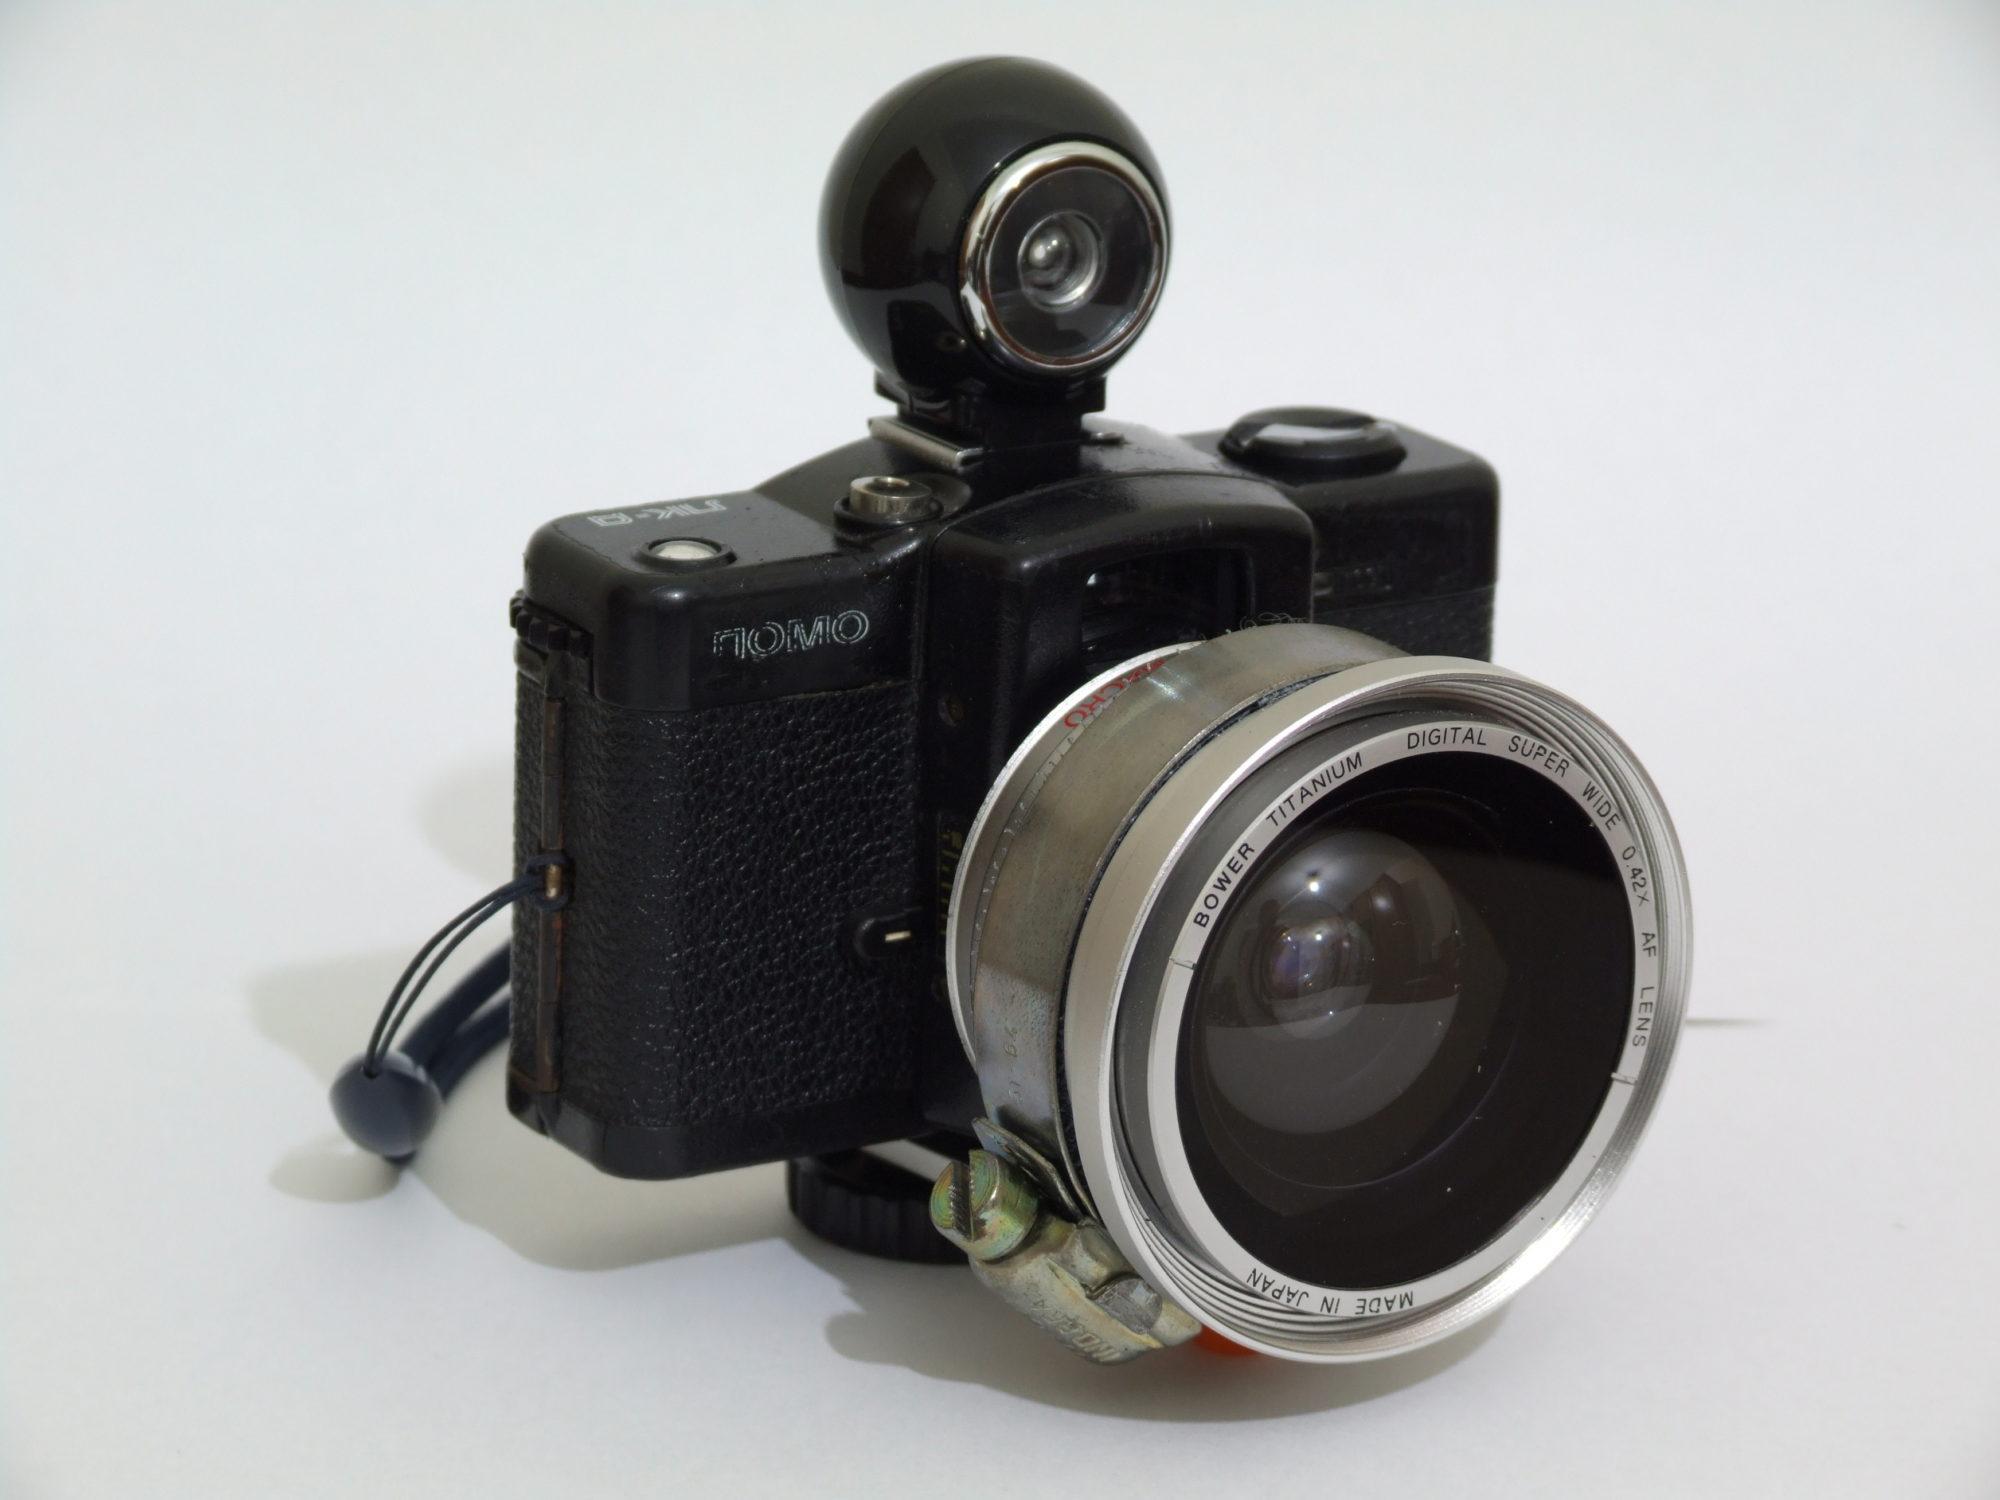 DSCF0843